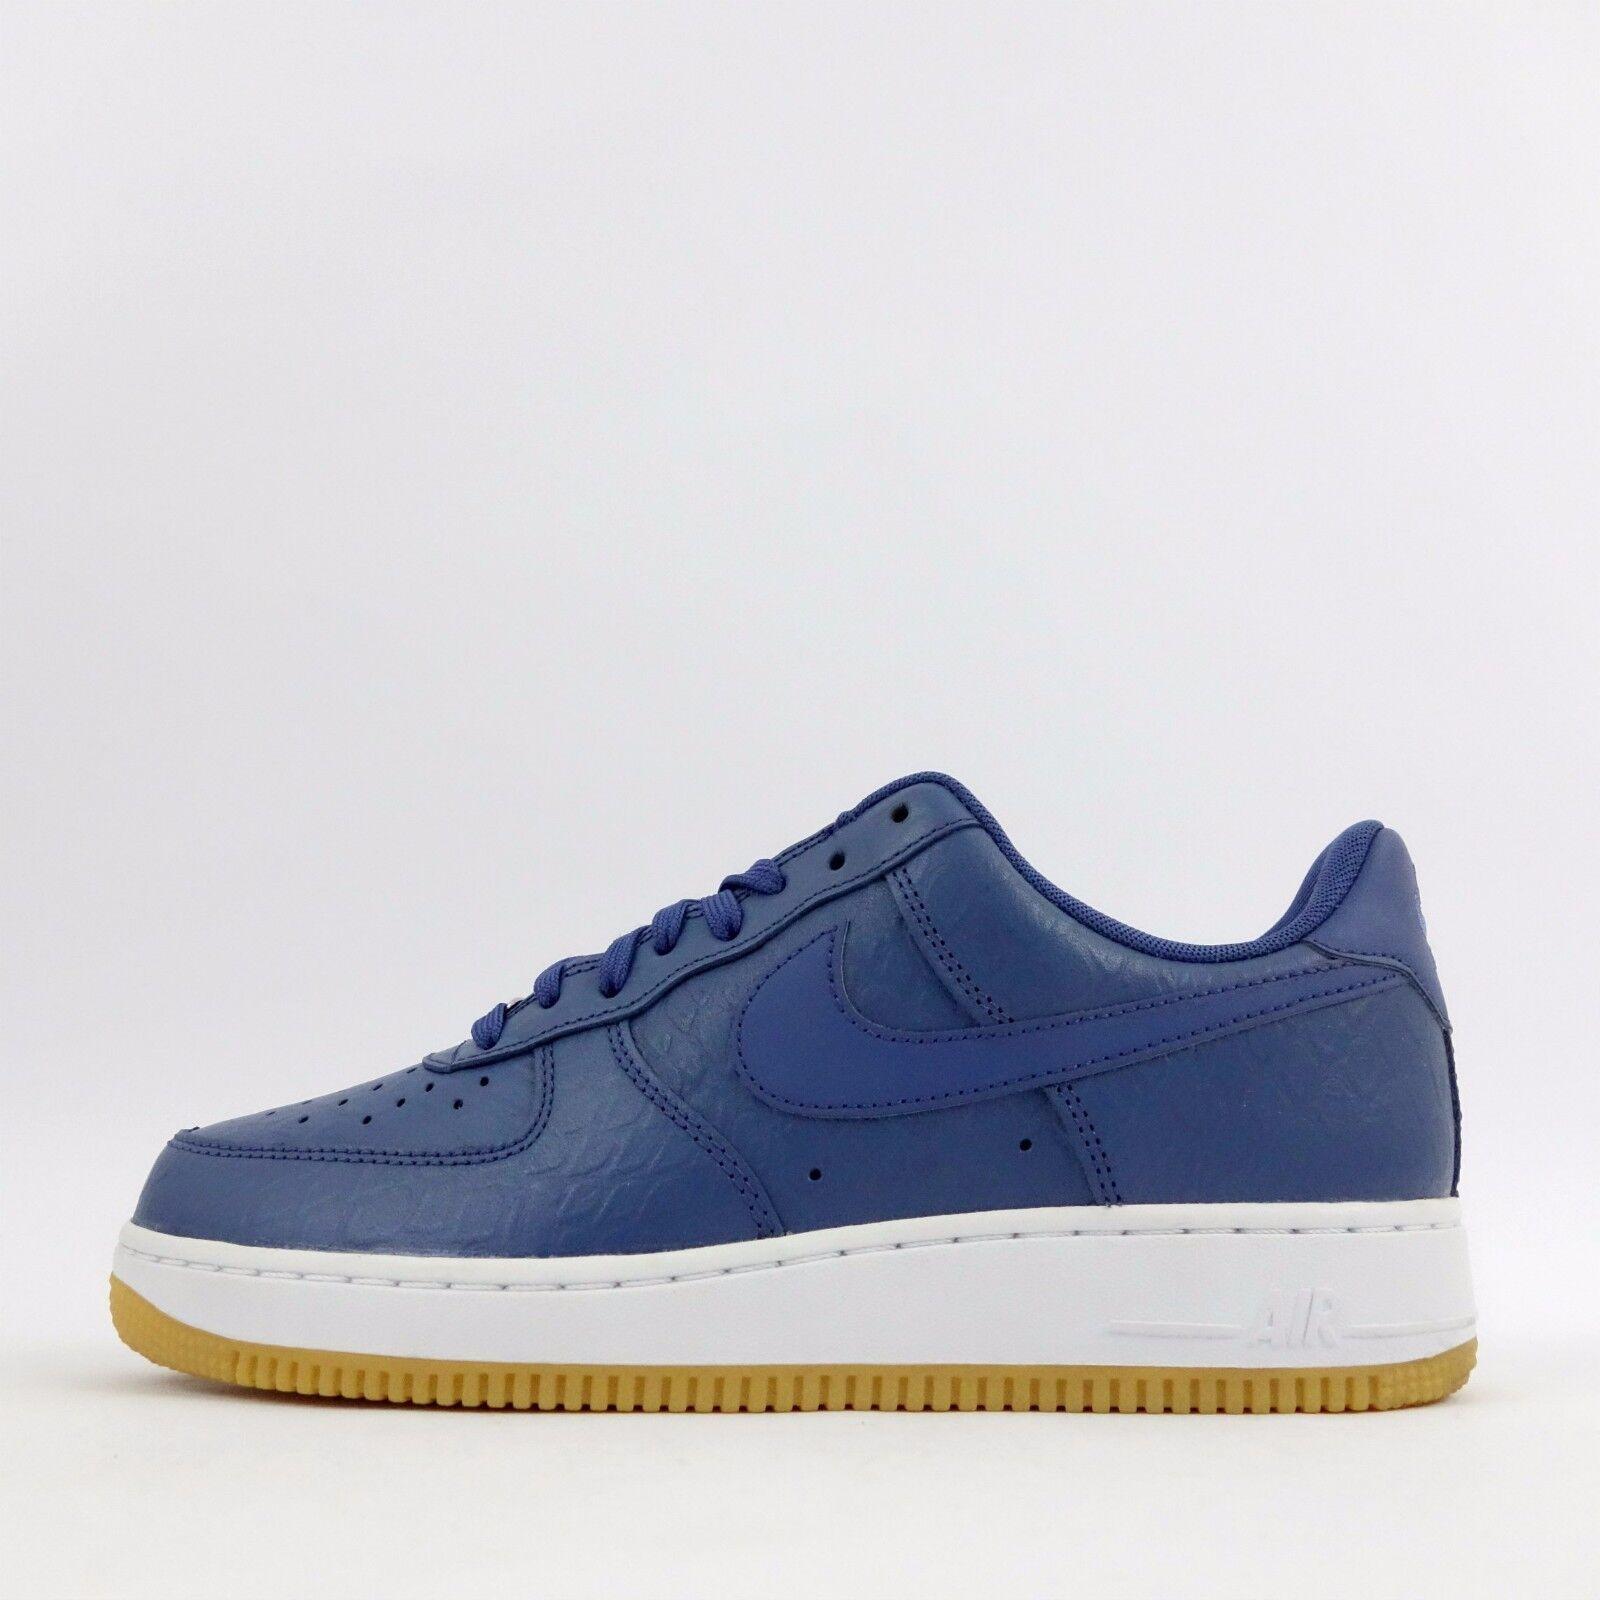 Nike Force Zapatillas 1 bajo 07 'Air LV8 Para hombre Zapatillas Force Zapatos  Azul/Blanco b33854